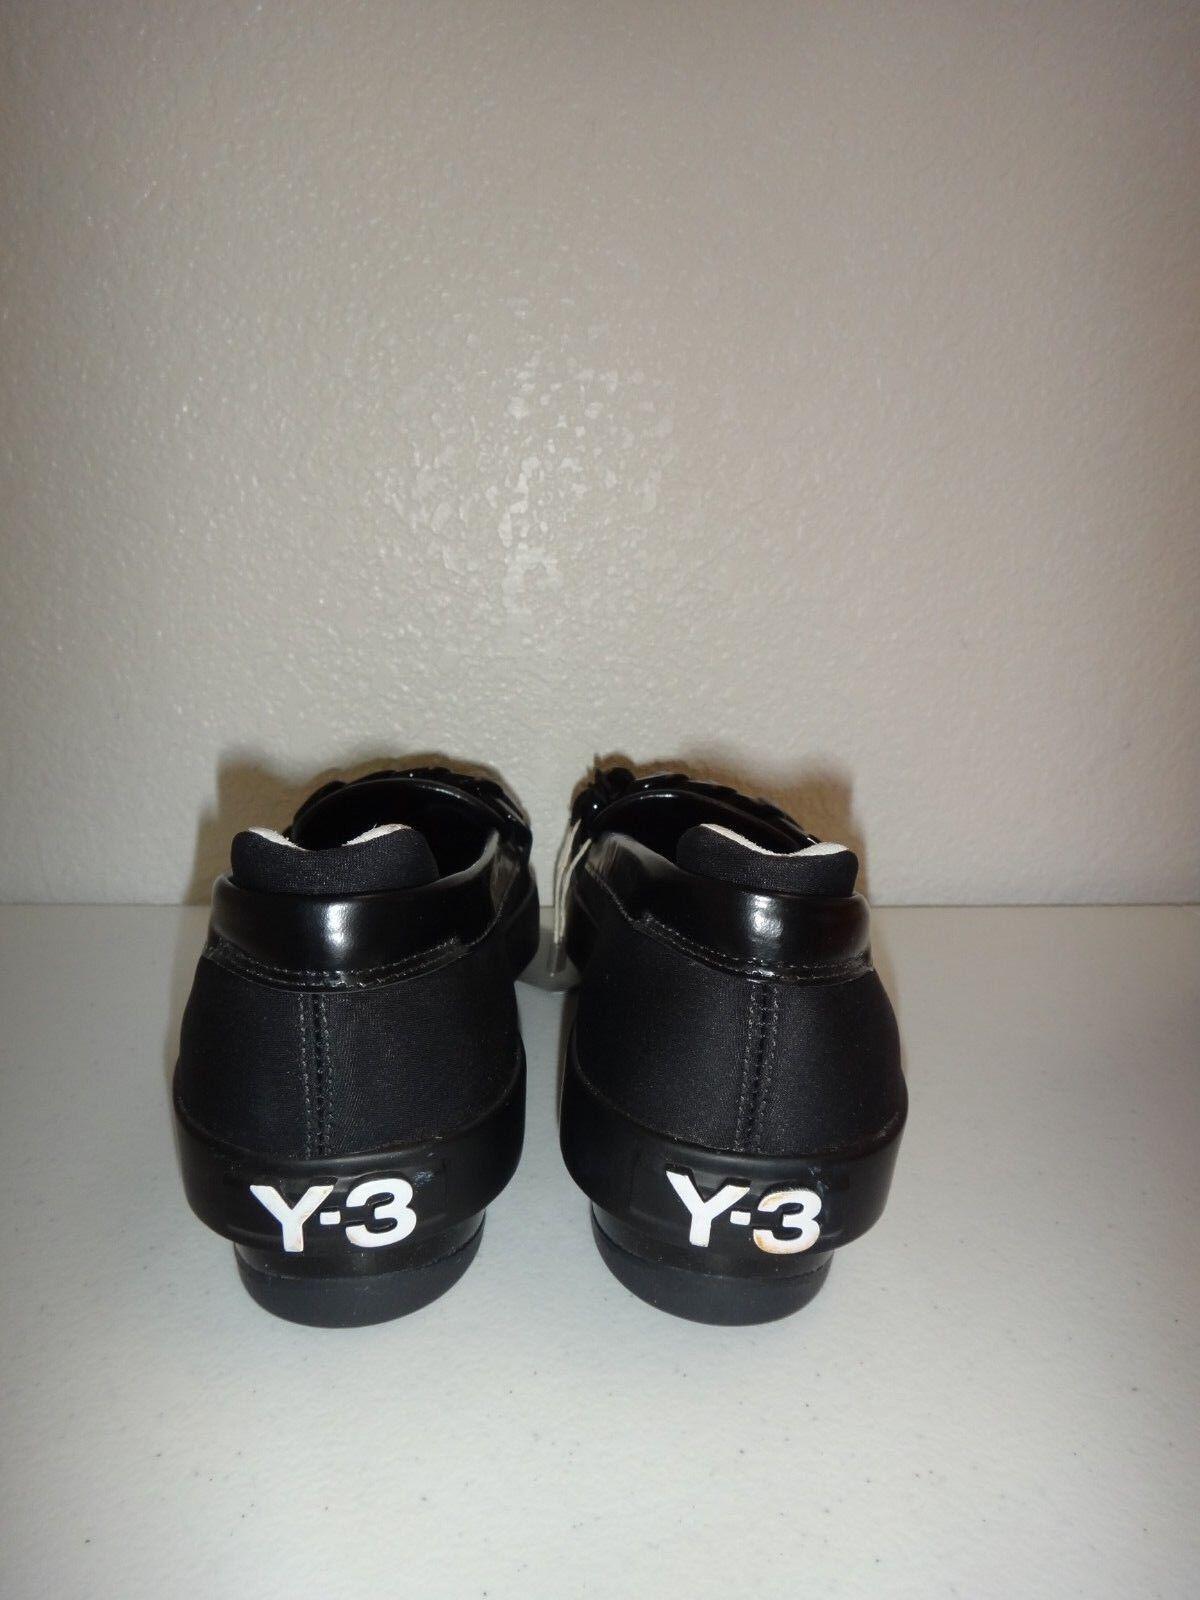 Y-3 Y-3 Y-3 Yohji Yamamoto plataforma Penny II para Mujer Mocasines Planos Cuero Negro EE. UU. Sz 5.5 674984